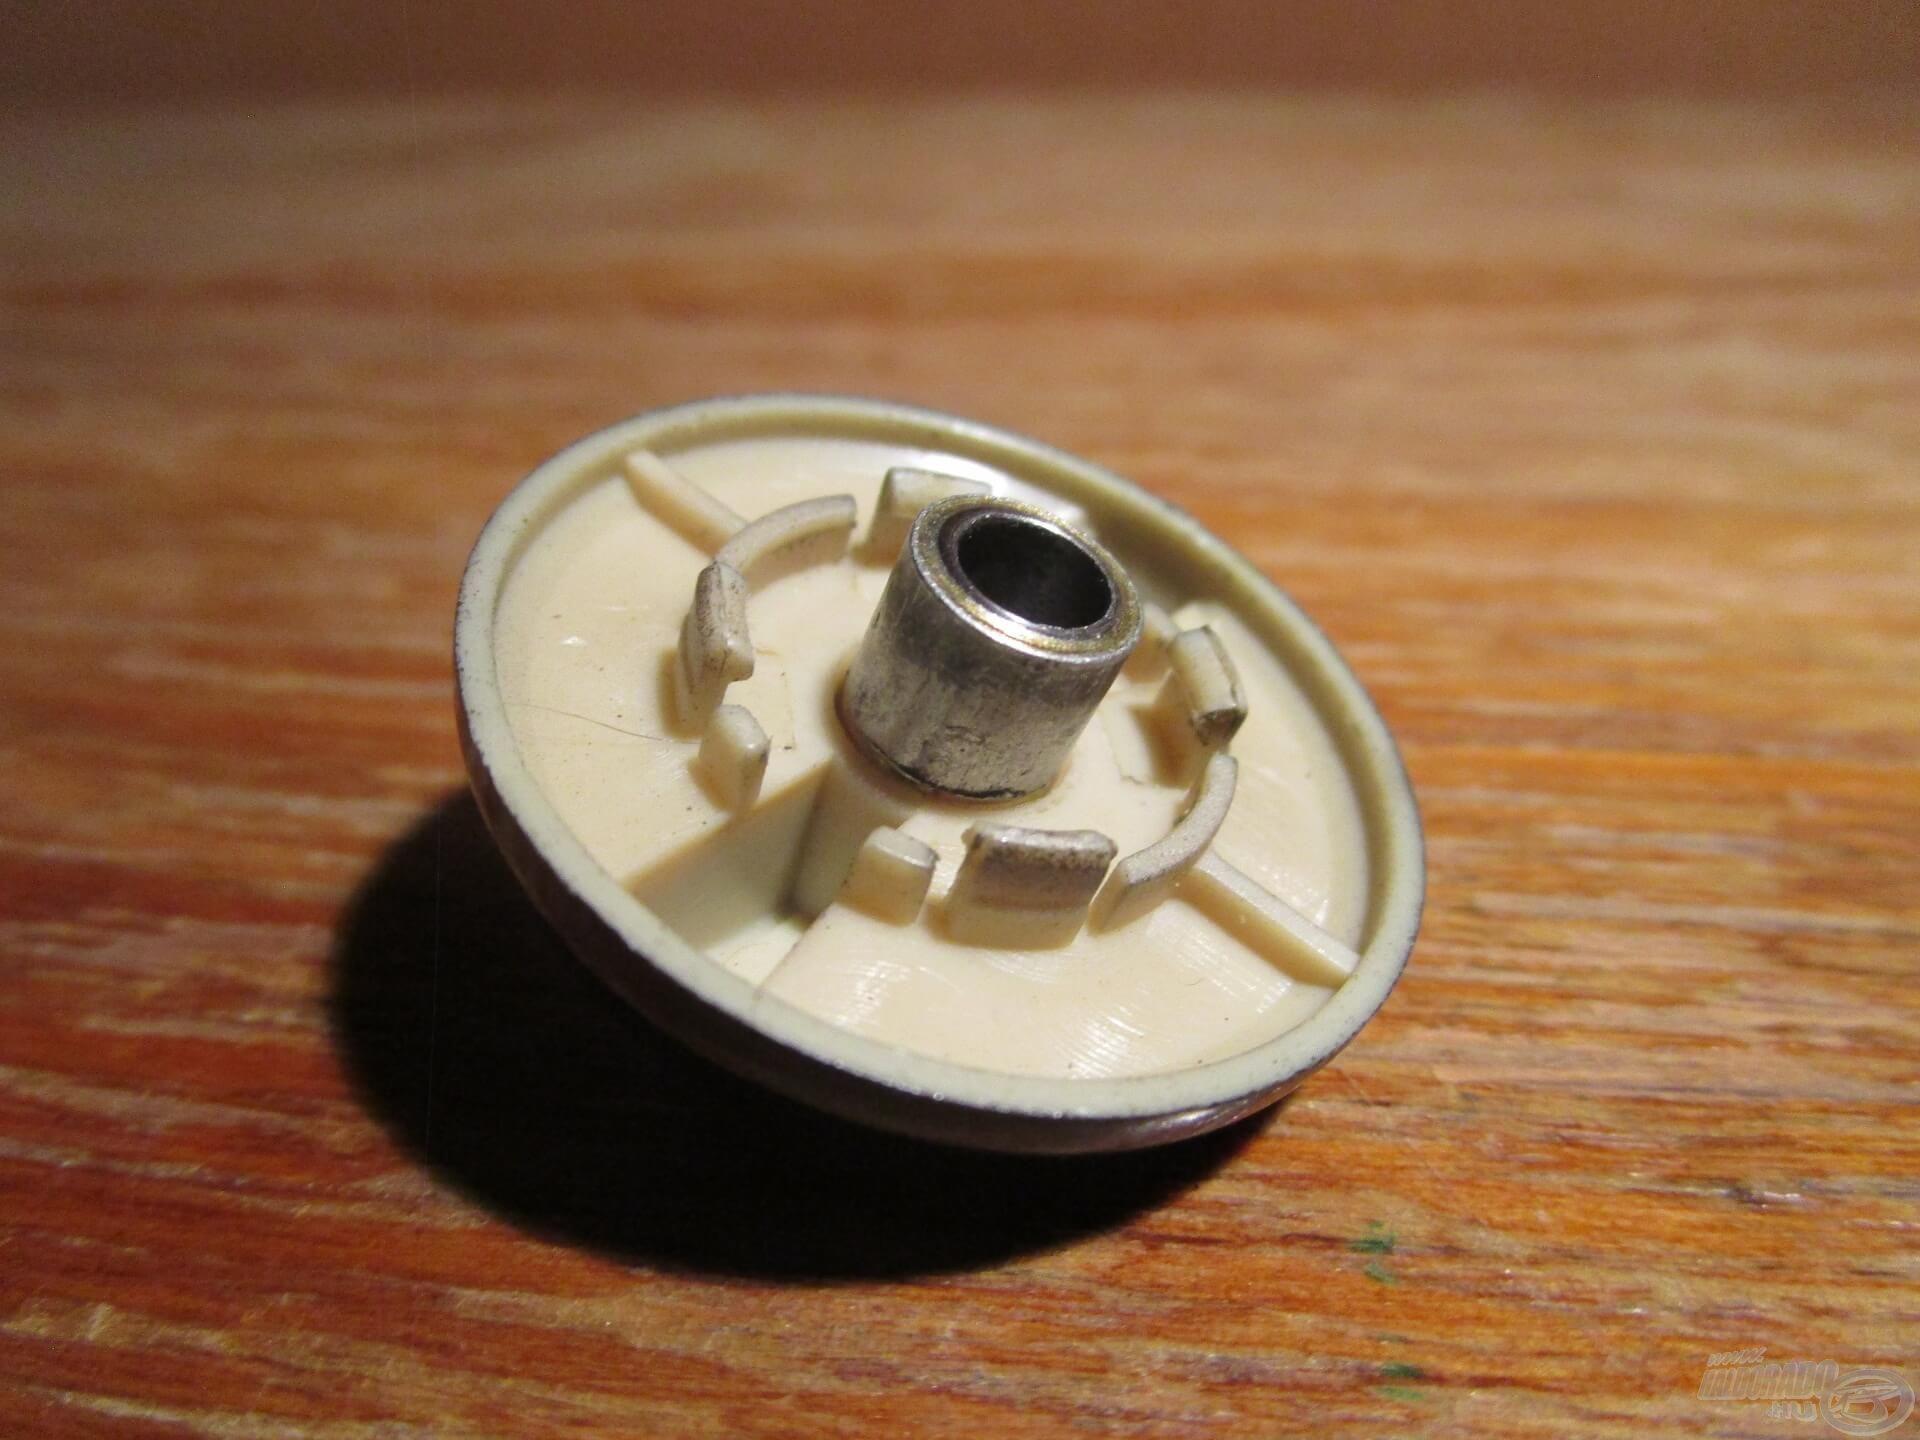 A megfelelő méretű persely tökéletesen illeszkedik a rugó helyére. Az ilyen alkatrészt csak fémből szabad elkészíteni, hiszen fontos, hogy igazán tartós legyen!